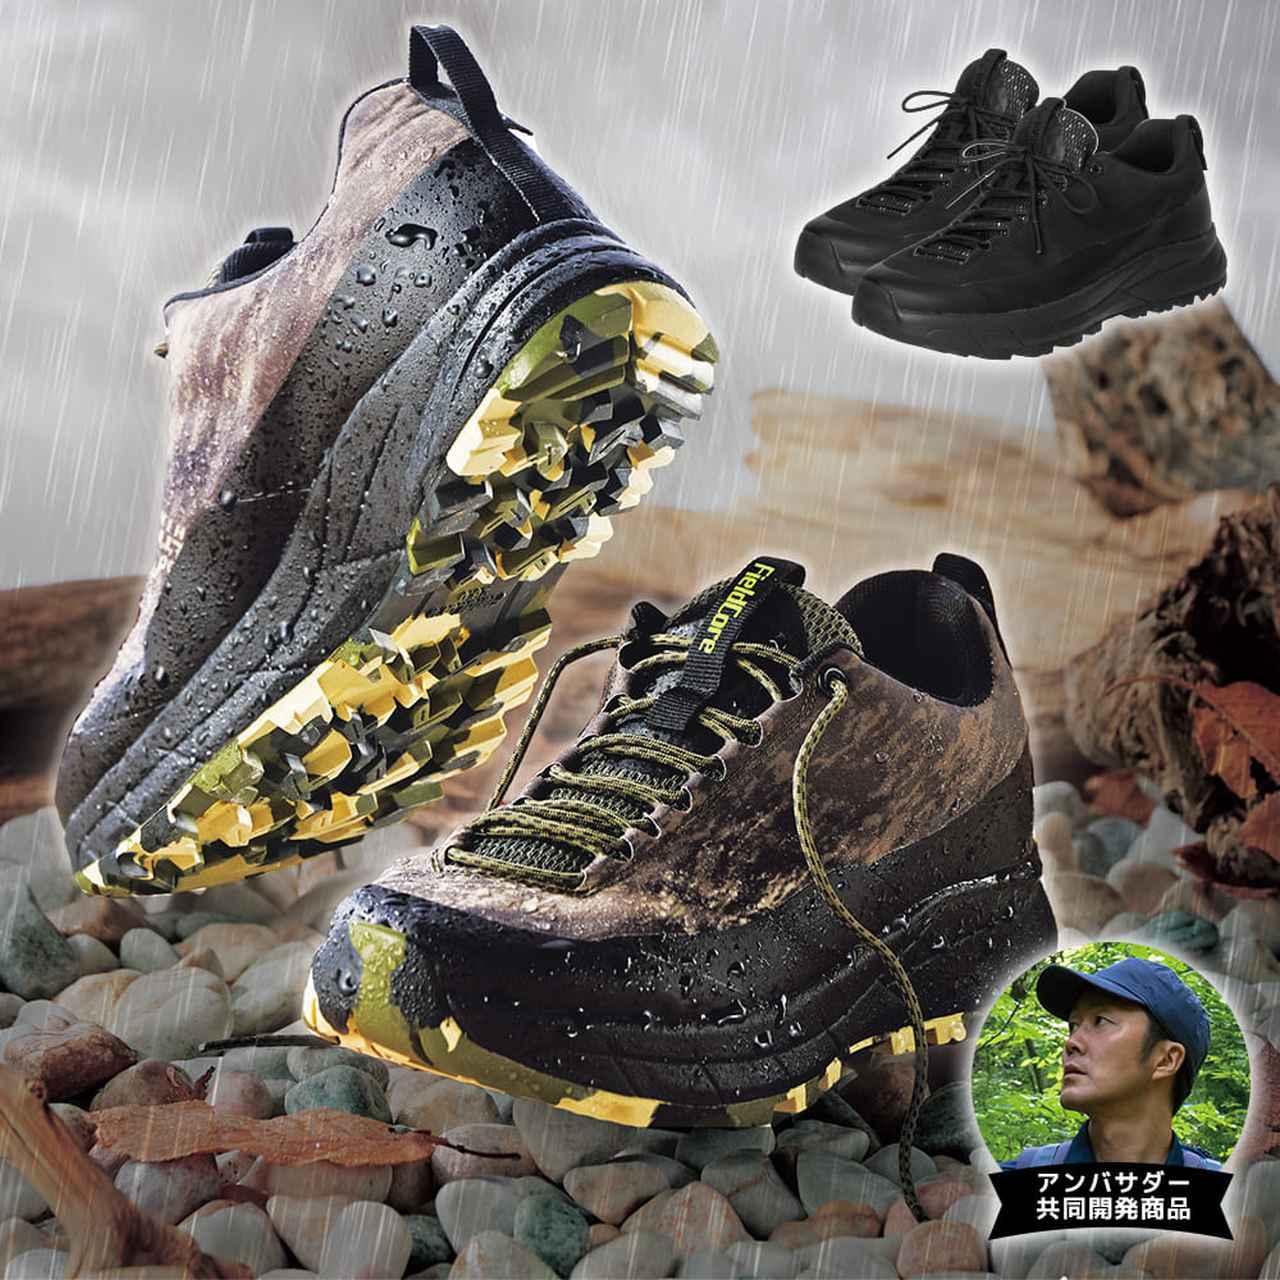 画像1: ワークマンの登山靴を徹底レビュー! トレッキングシューズ『アクティブハイク』は初心者におすすめ◎